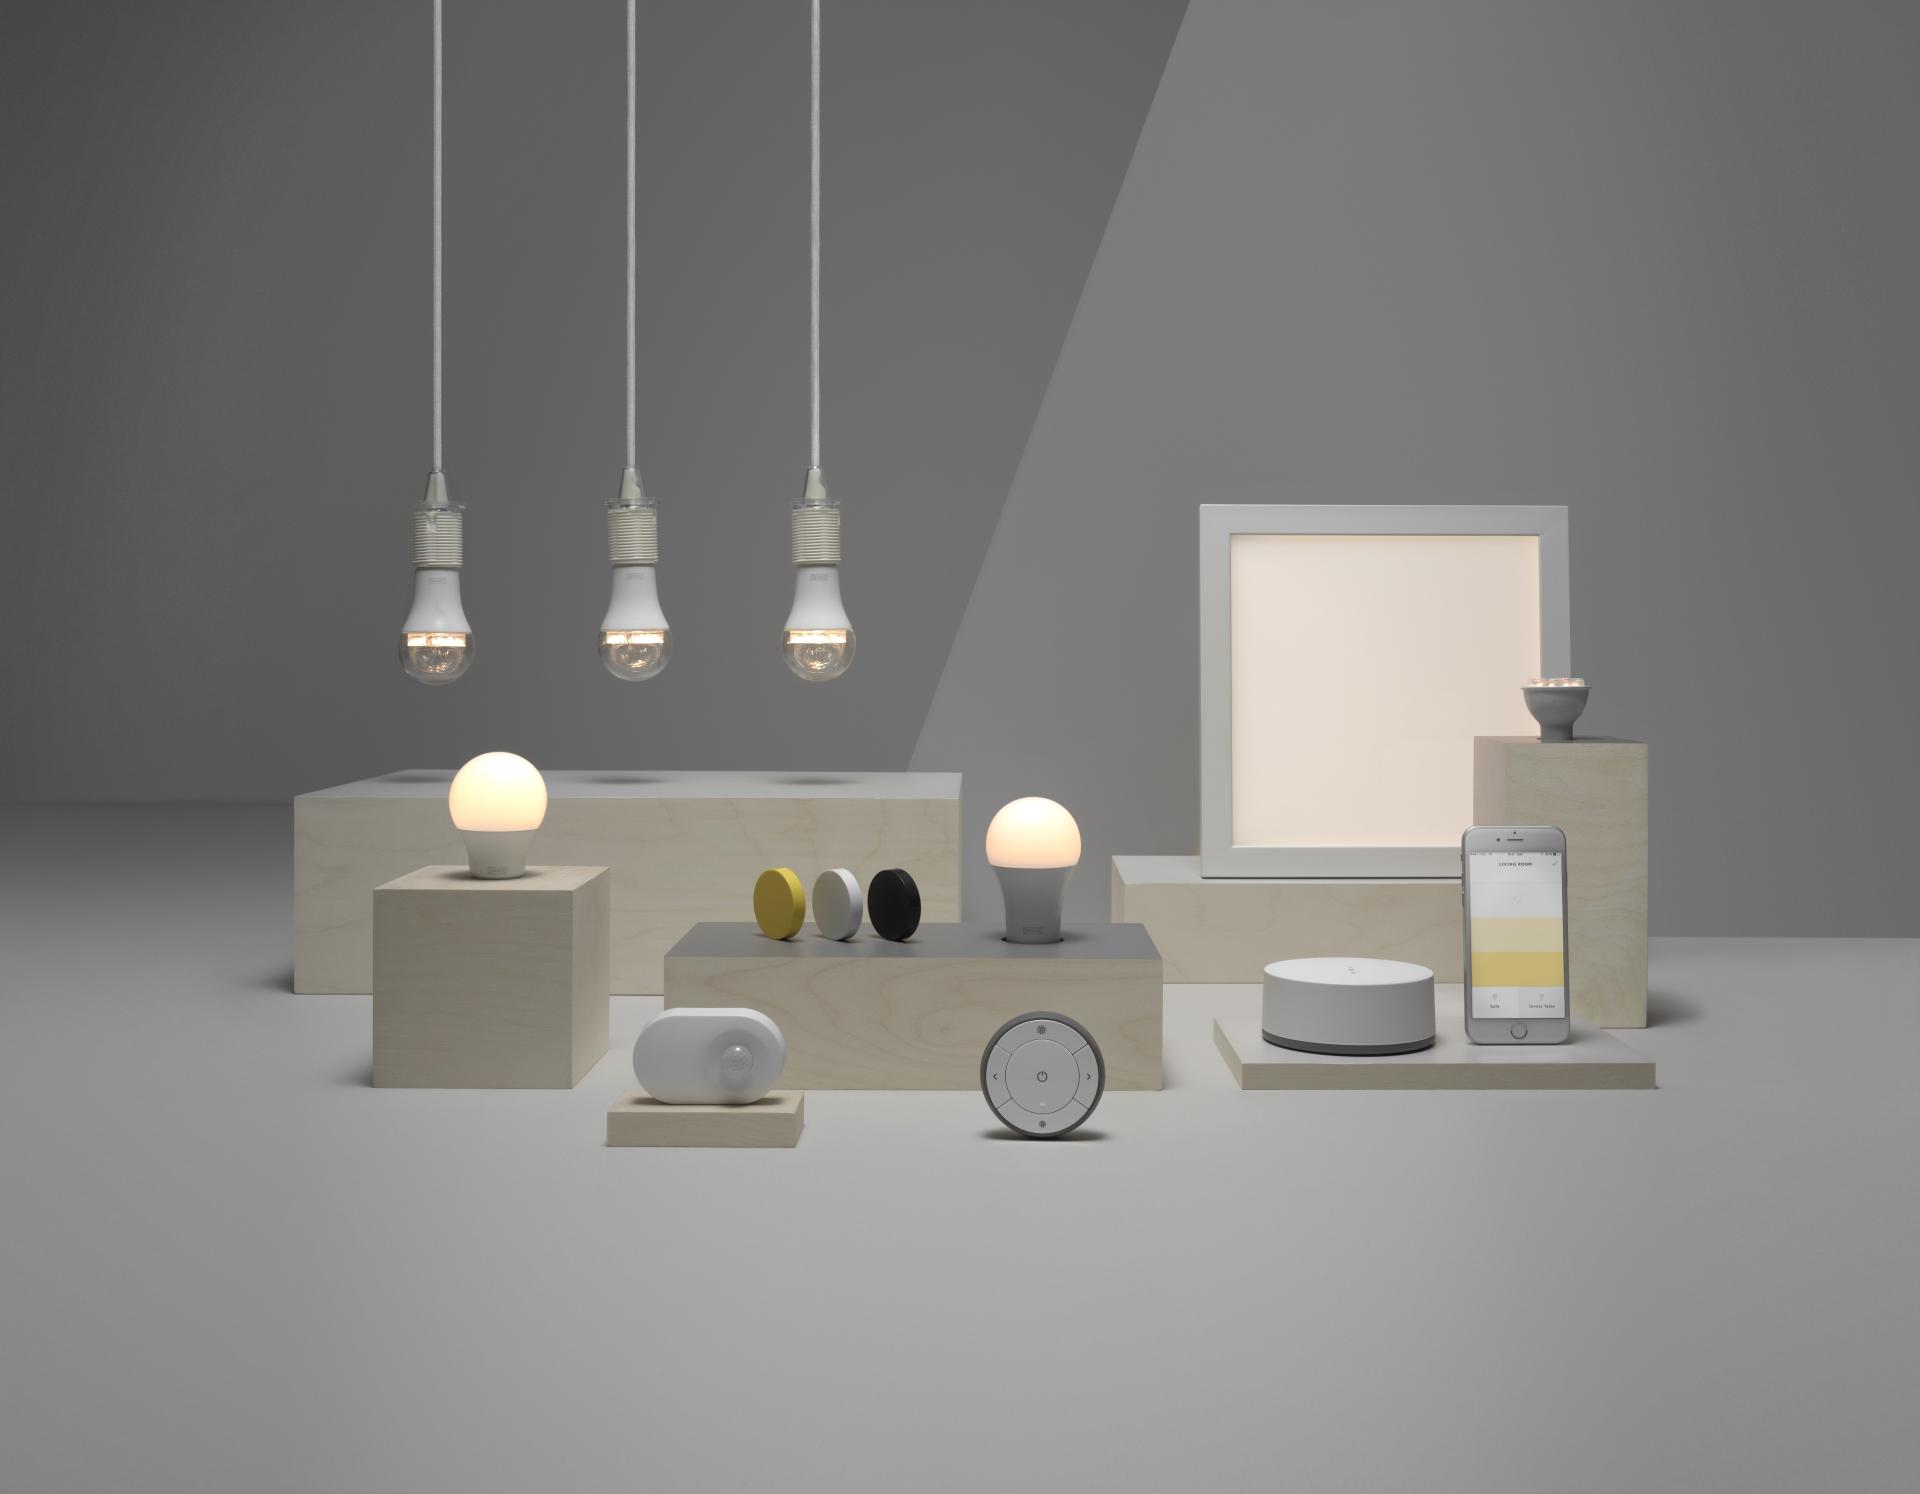 ikea+smart+lighting.jpg